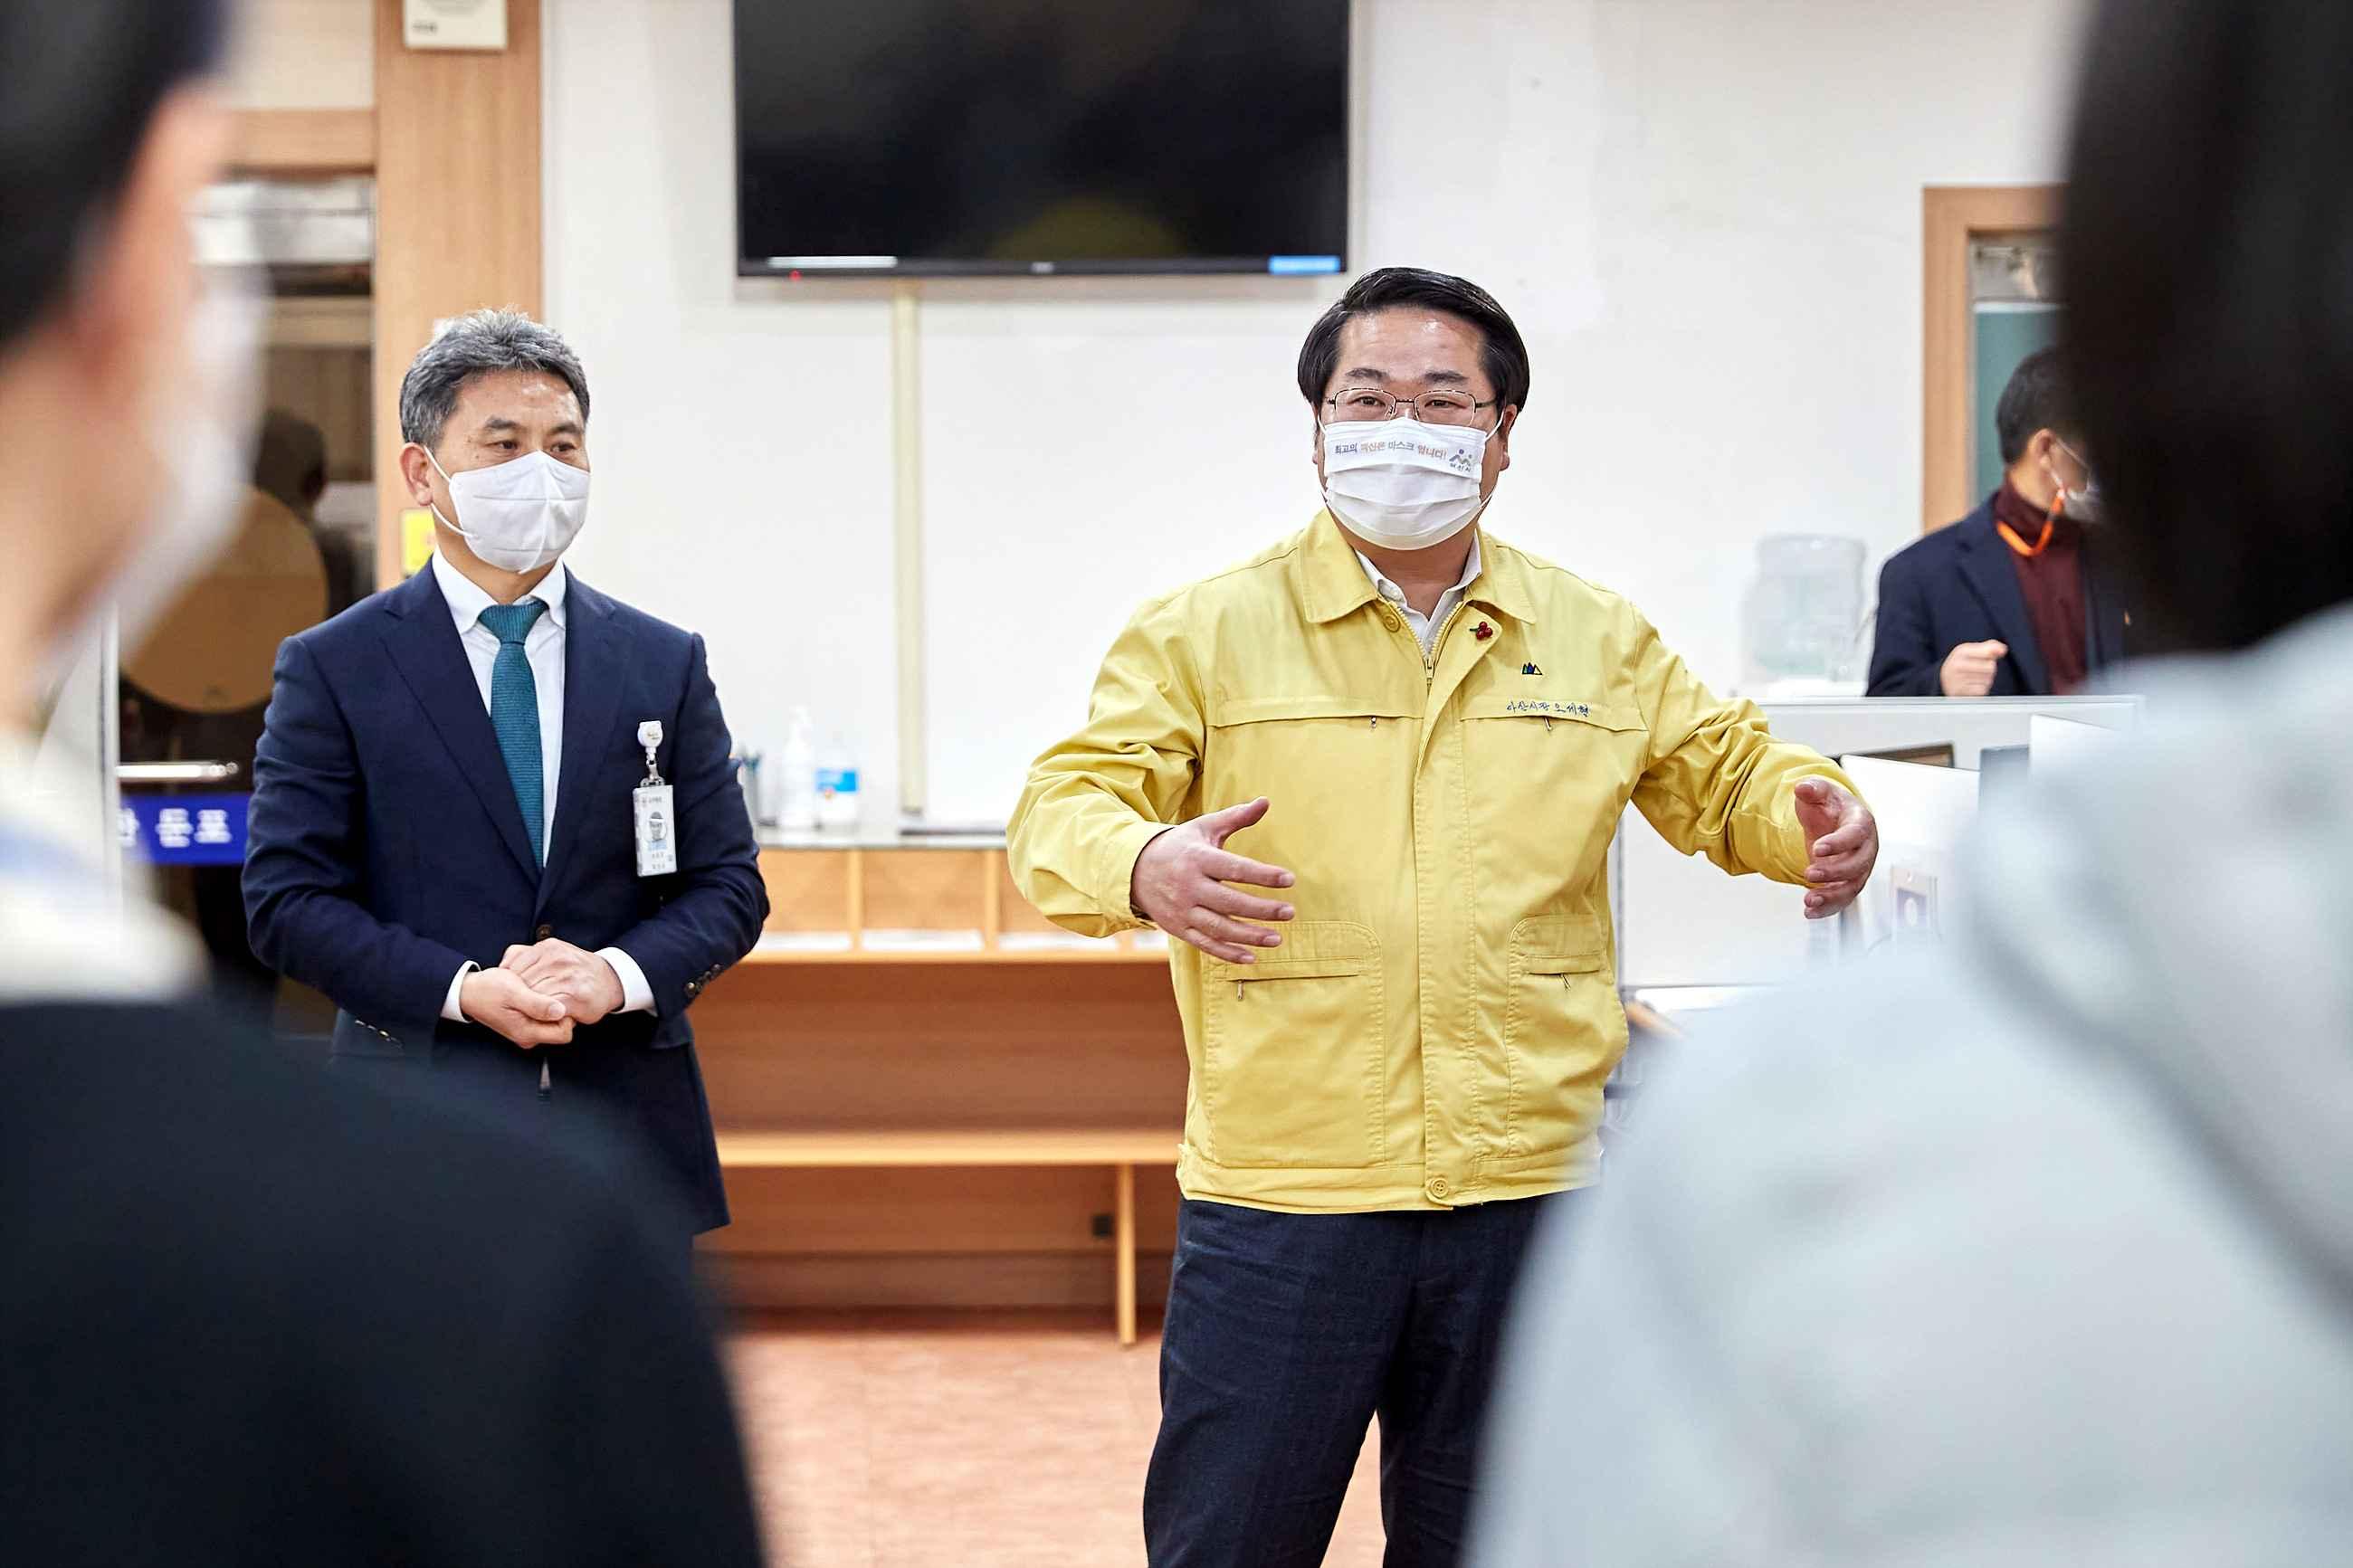 오세현 아산시장, 아산시 읍면동 직원 격려 방문 관련사진